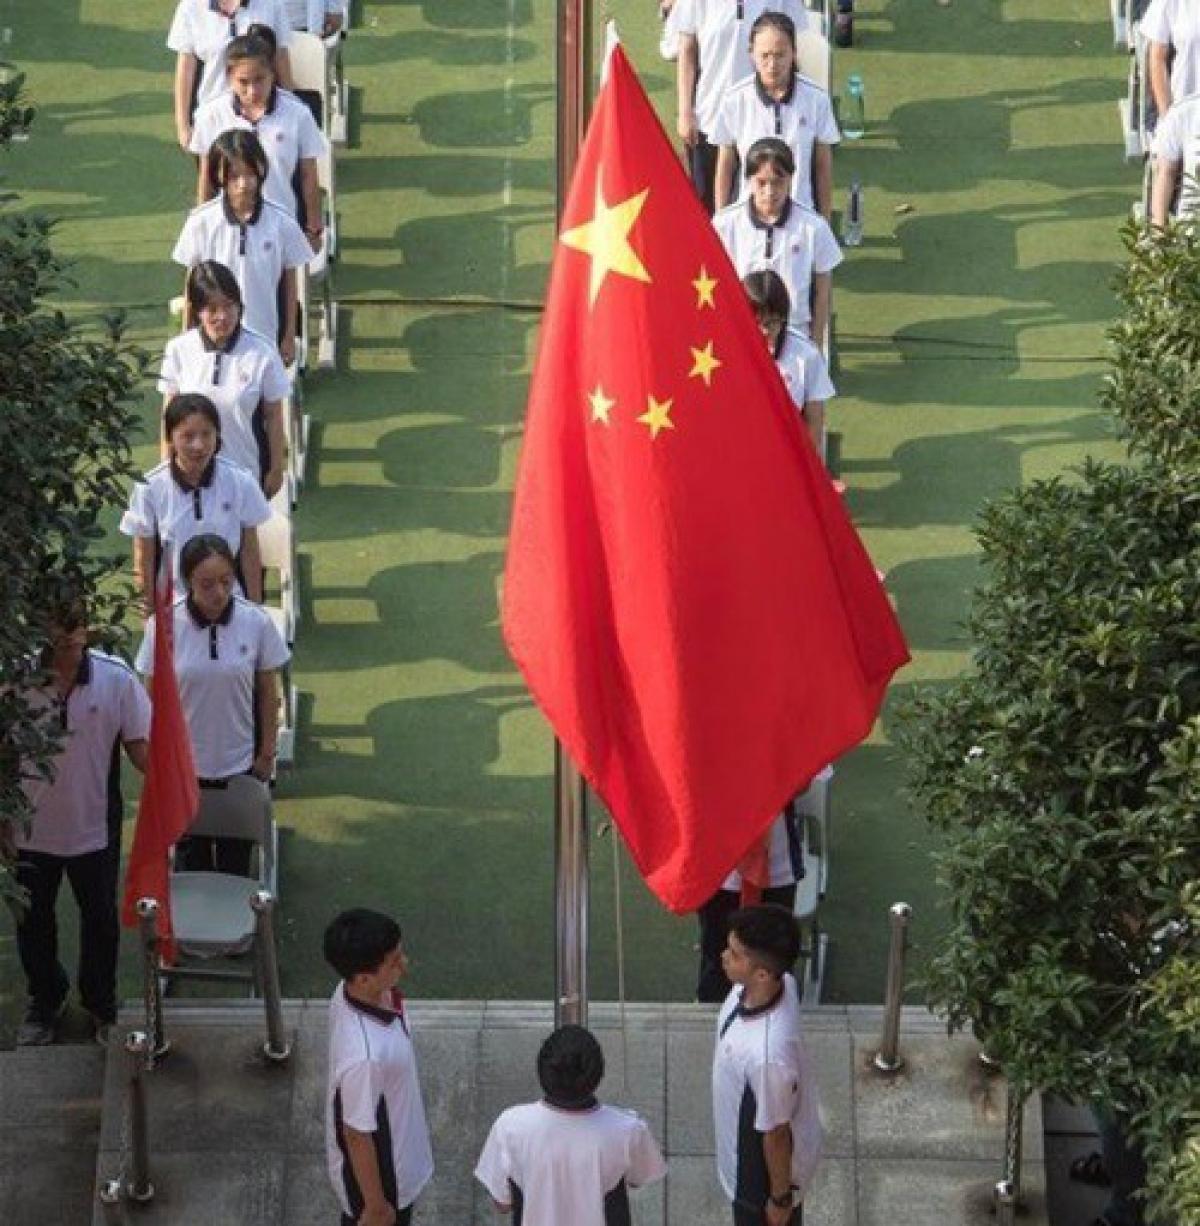 Lễ khai giảng tại một trường trung học ở Vũ Hán sáng 1/9. Theo quy định, trong vườn trường, học sinh không phải đeo khẩu trang. Ảnh: Tân Hoa xã.